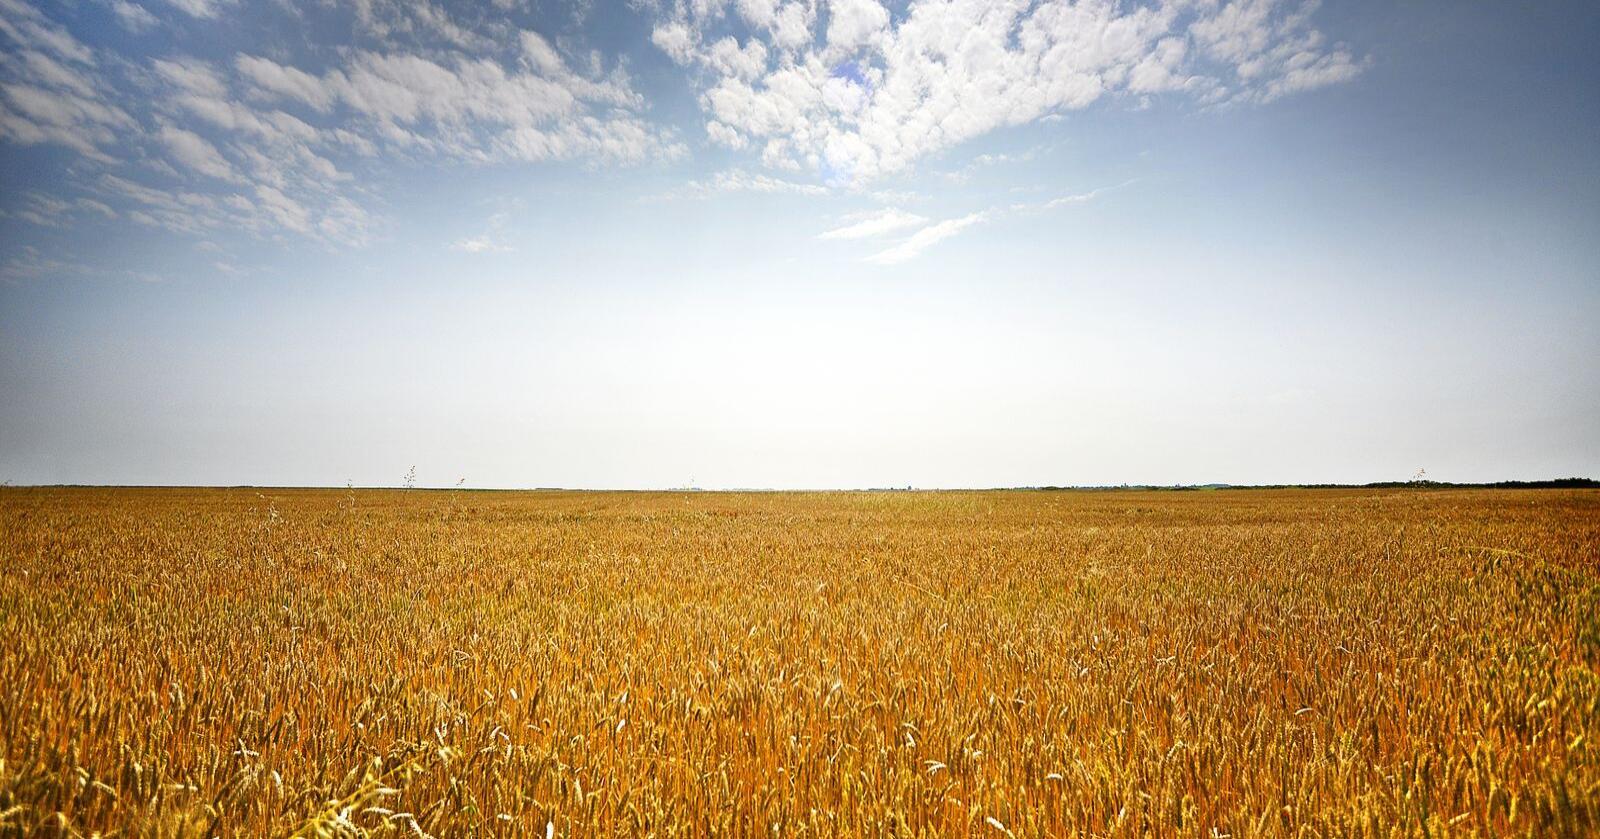 Flere land setter begrensninger på eksport i forbindelse med koronakrisen. Bildet er fra kornproduksjon i Romania. Foto: Siri Juell Rasmussen